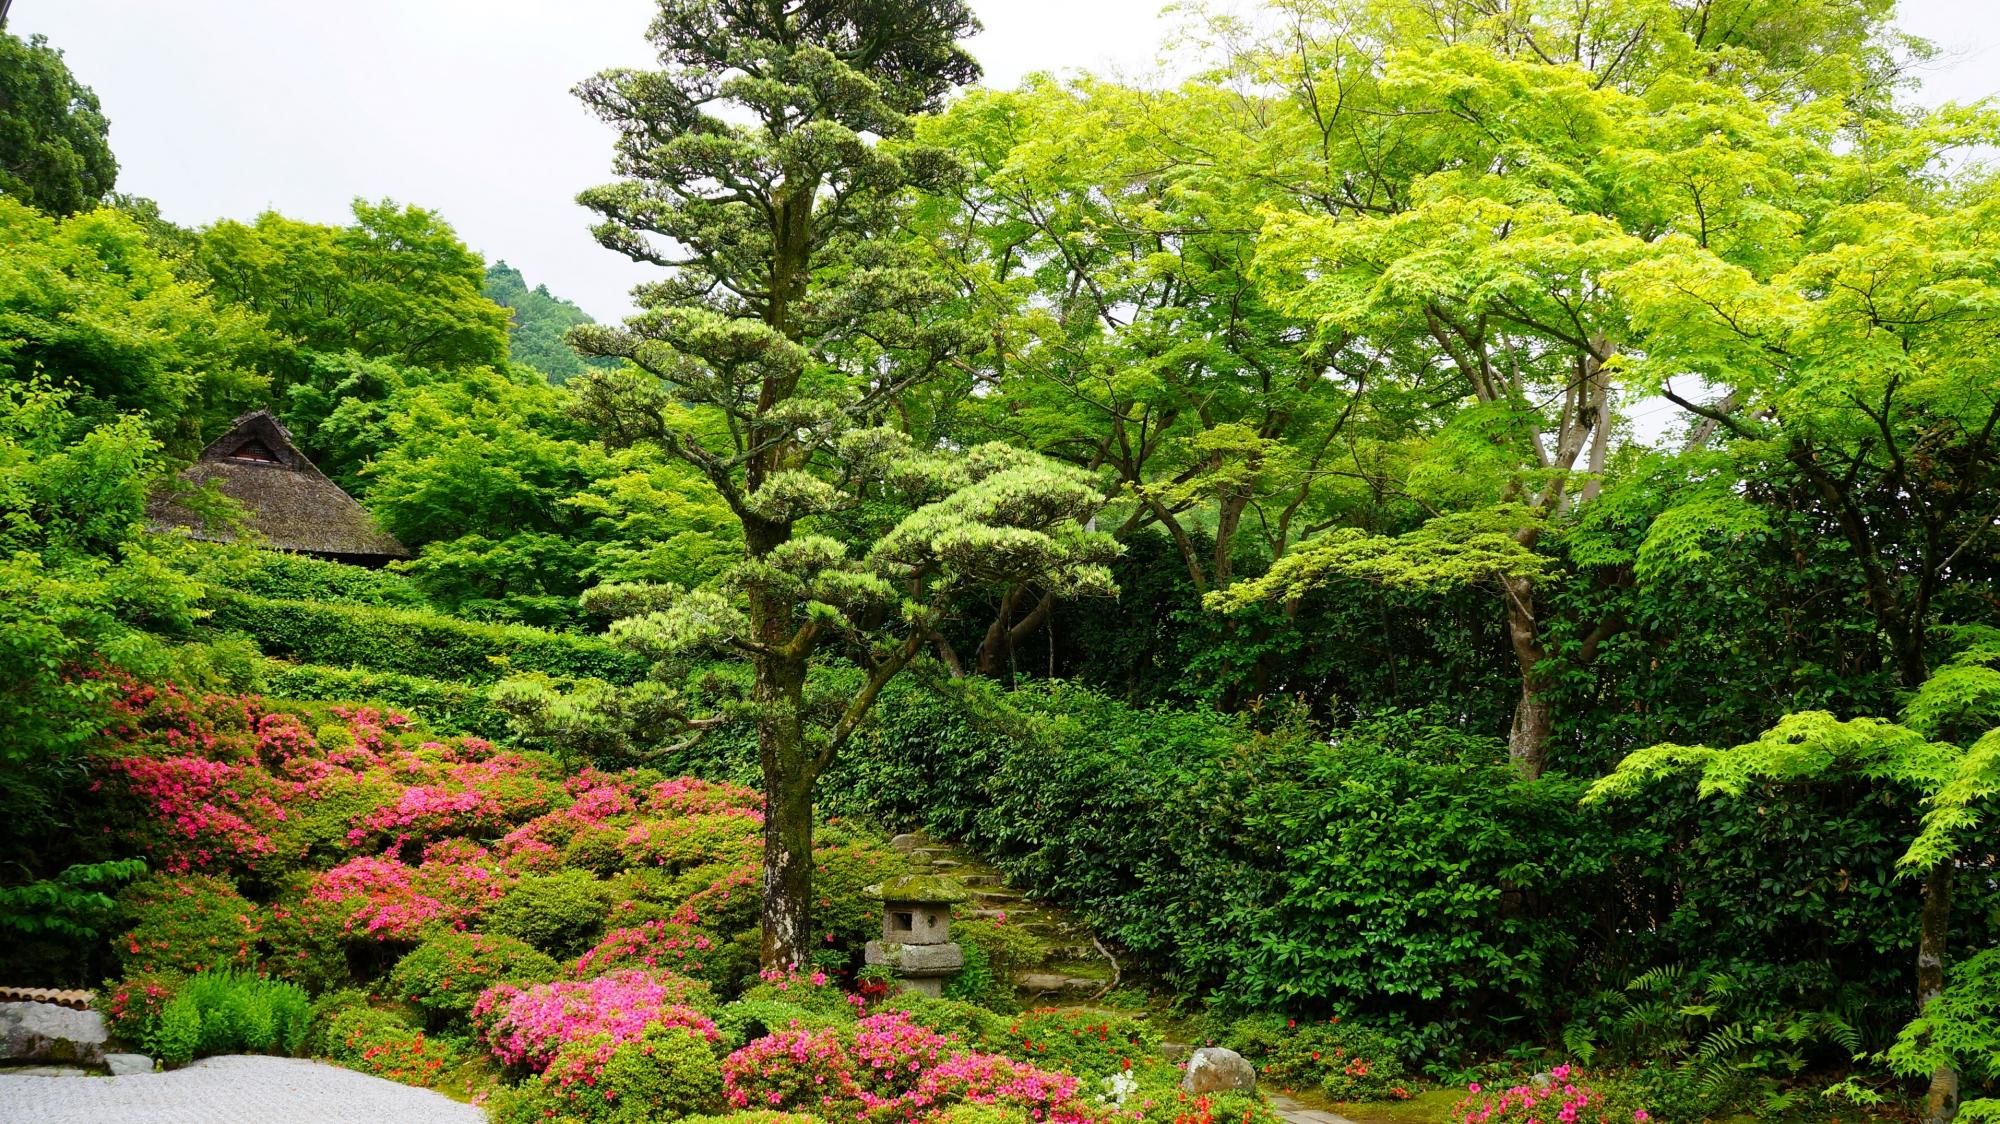 綺麗な新緑によって鮮やかな緑の空間が広がる金福寺